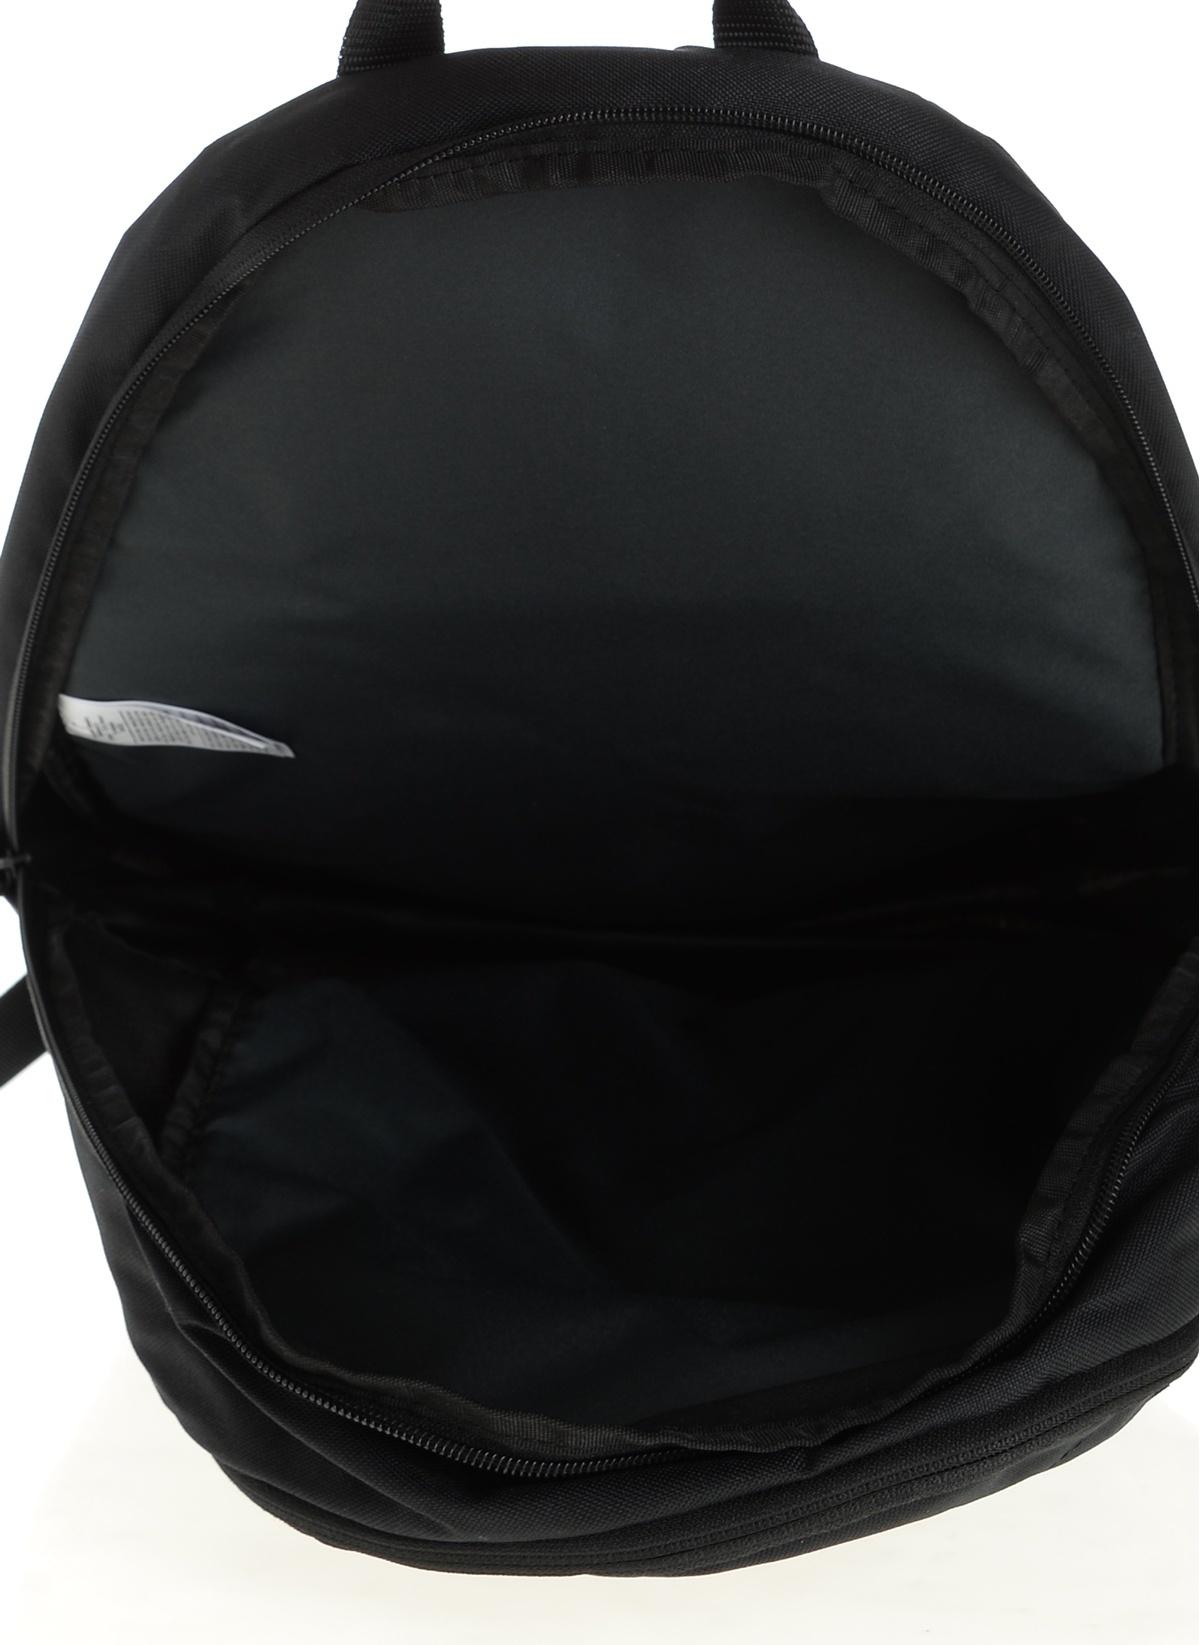 c23729ec99119 Nike Unisex Sırt Çantası Black/Black/Anthracite İndirimli Fiyat ...